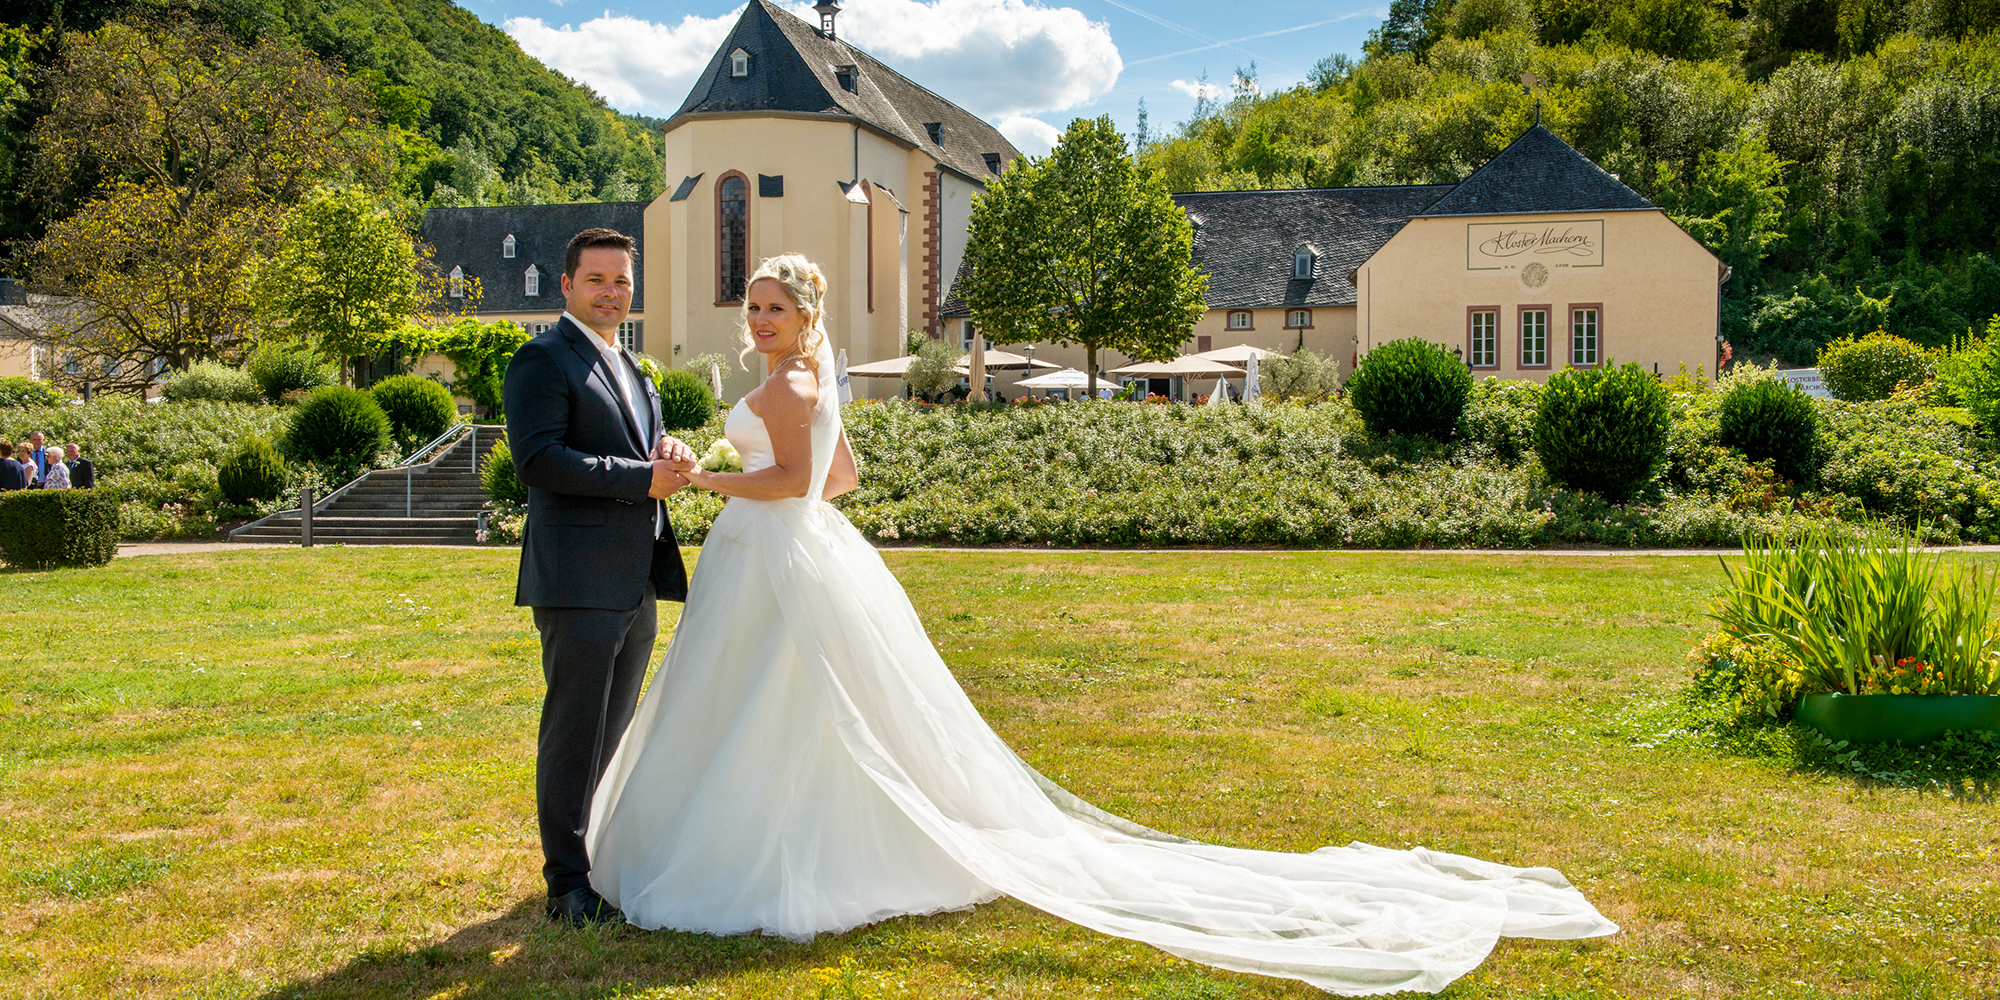 Brautfotos im Kloster Machern vom Fotostudio Yaph in Trier